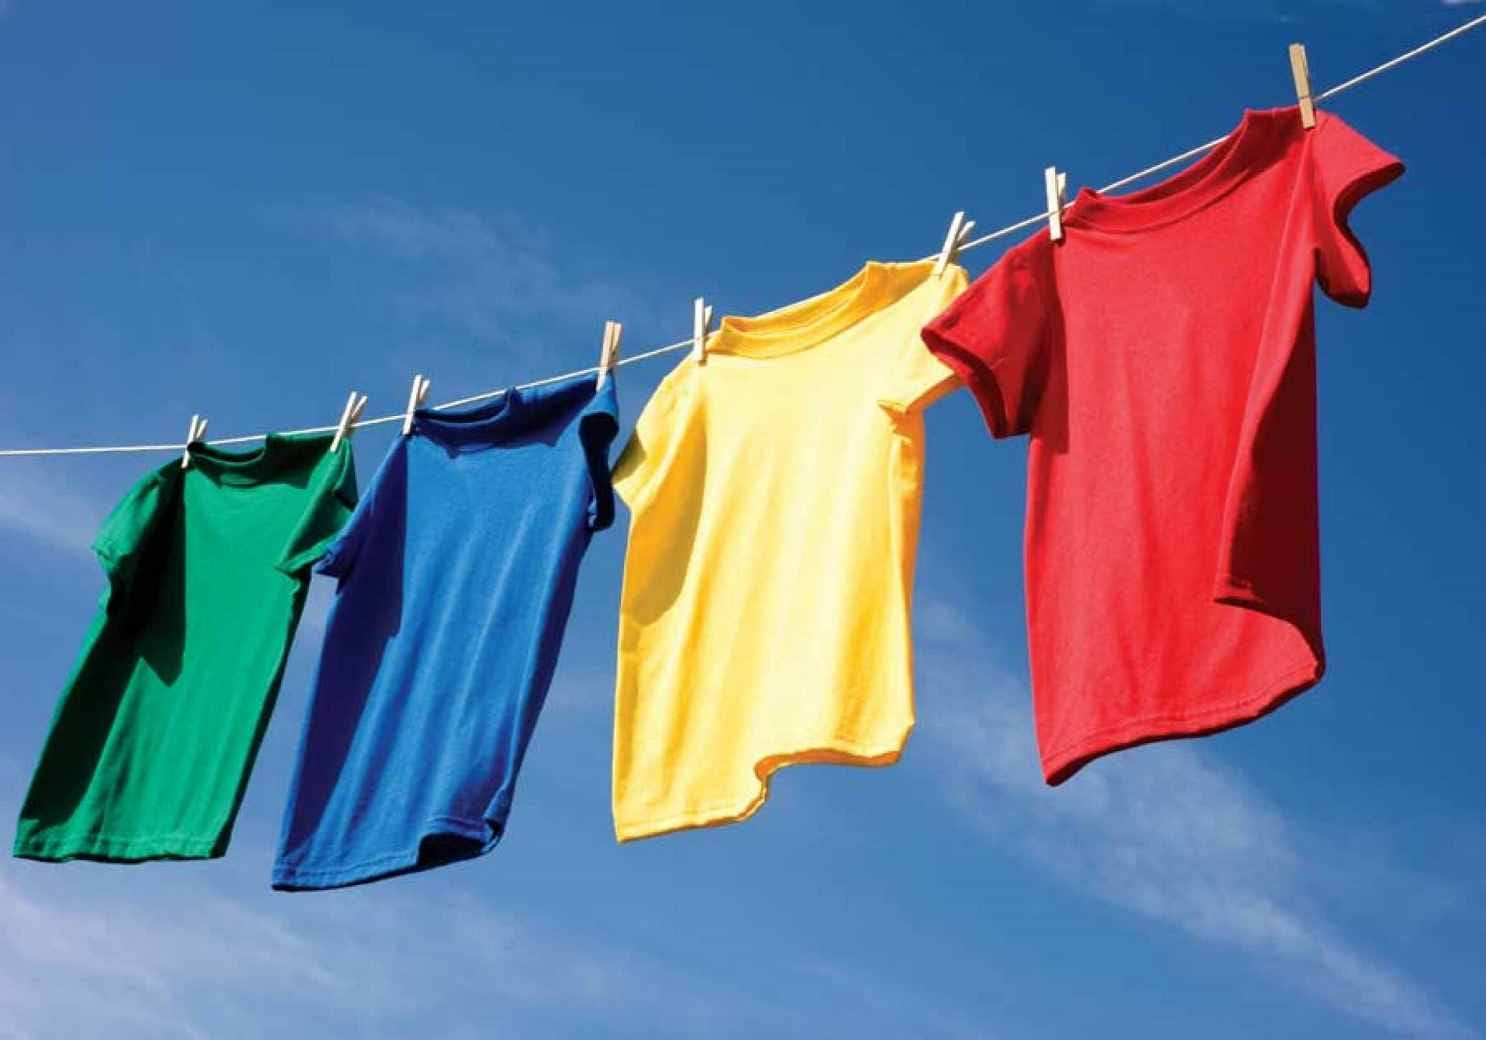 Сушение одежды на солнце